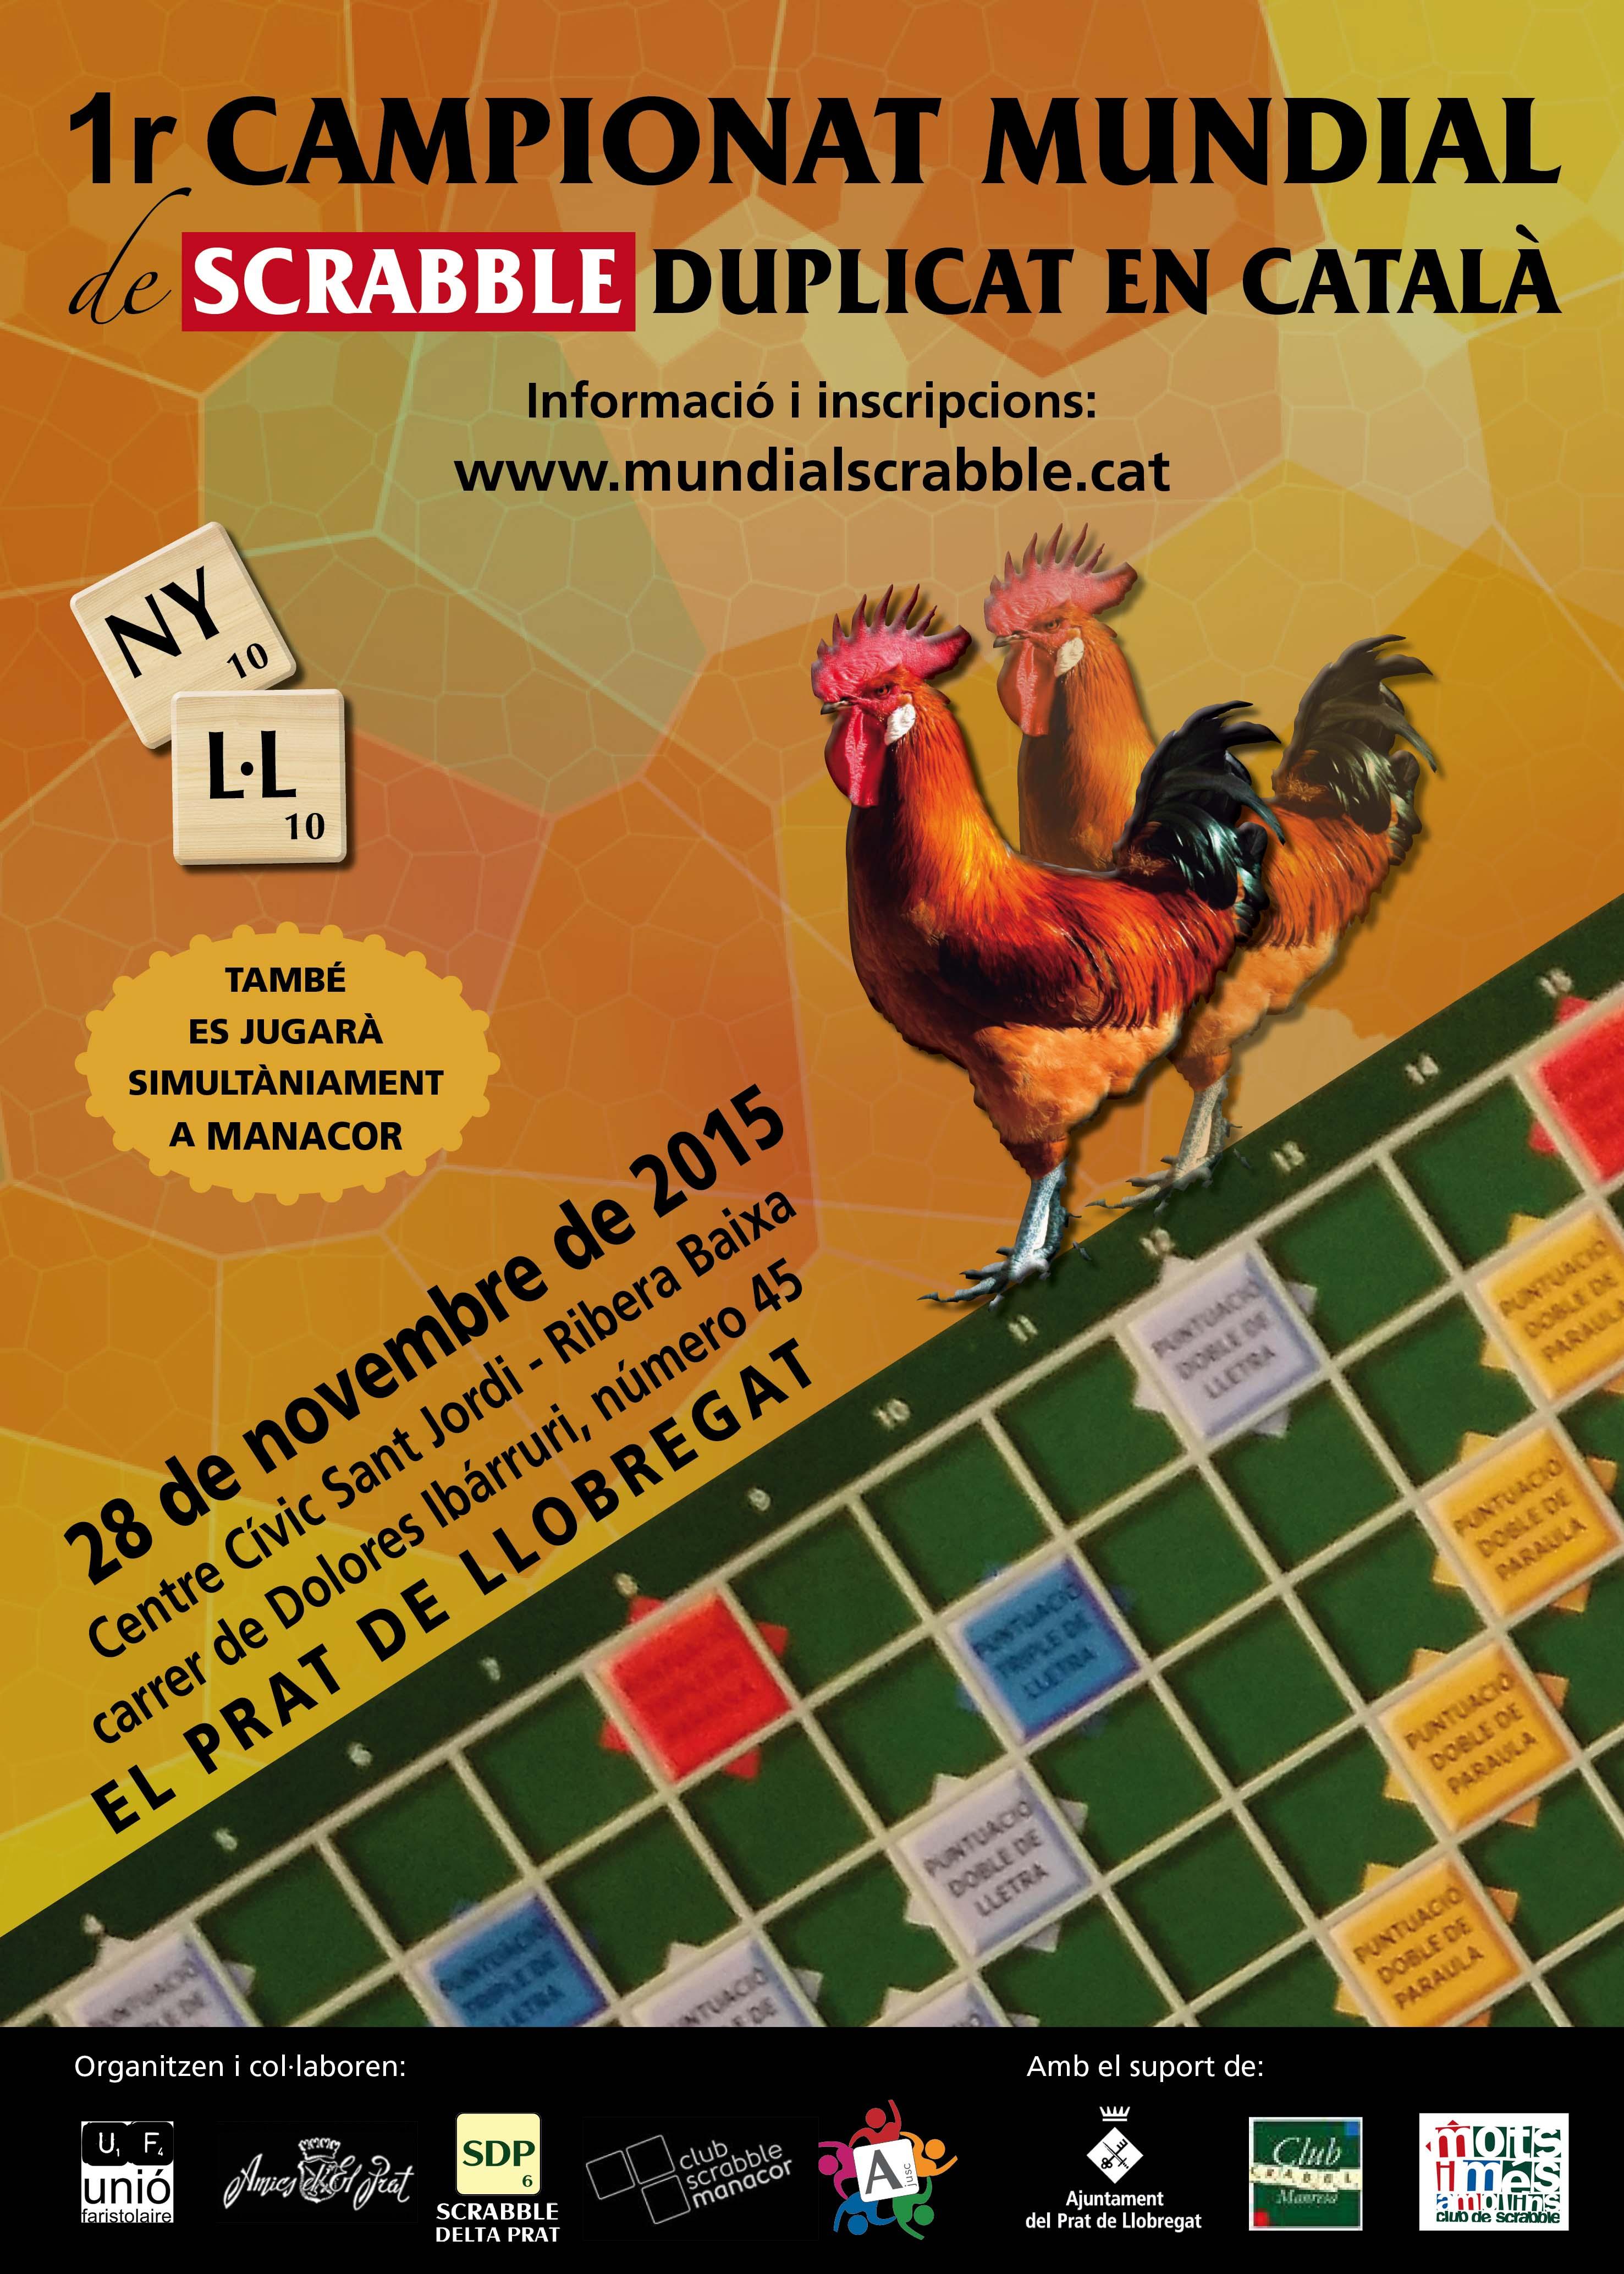 Cartell del 1r Campionat Mundial de Scrabble Duplicat en Català